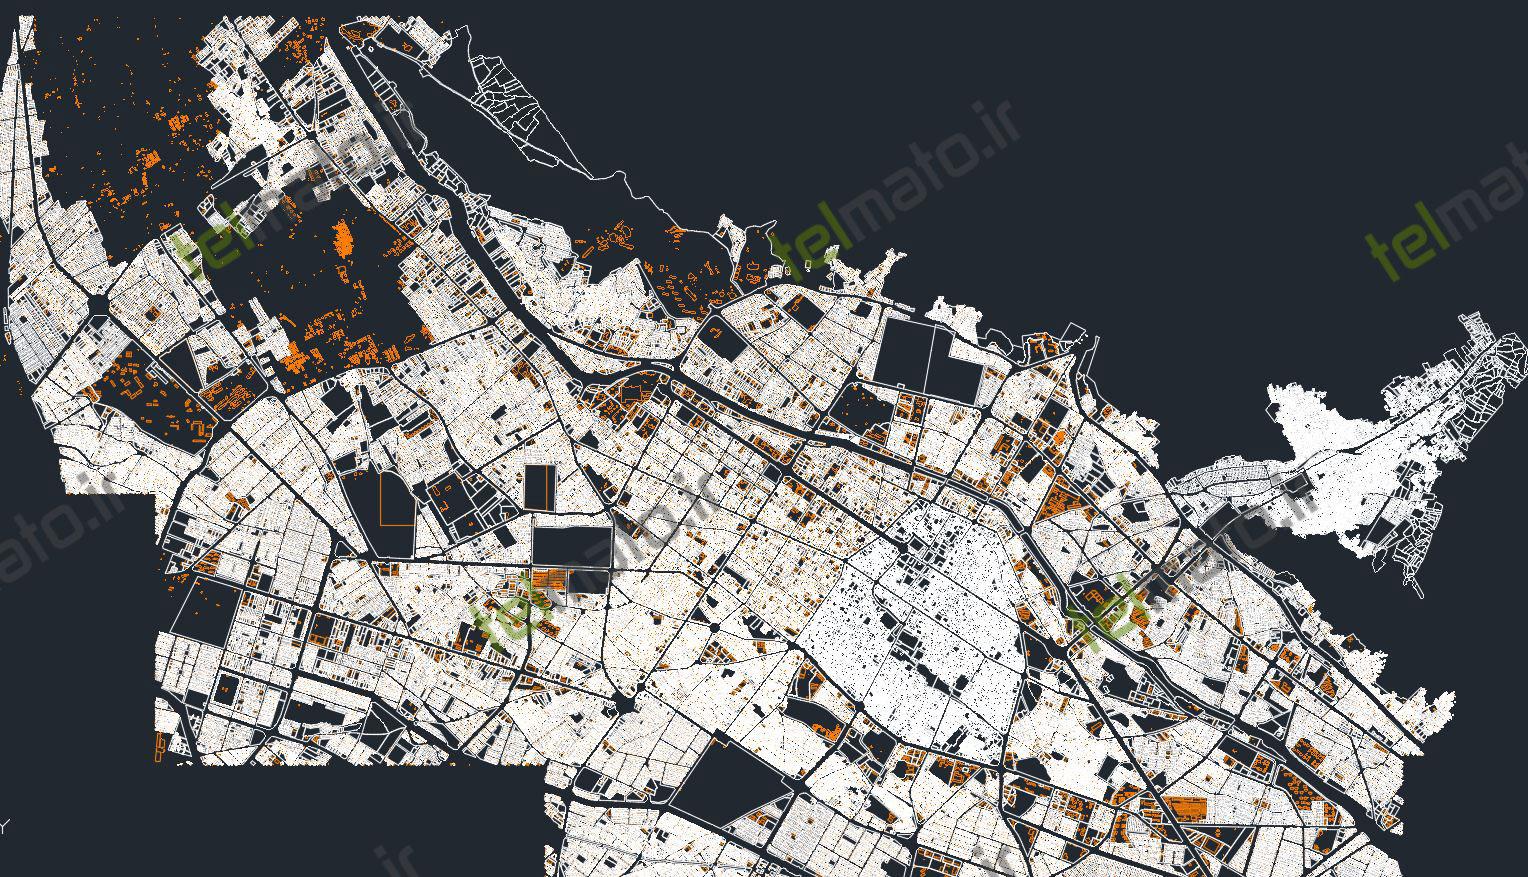 دانلود رایگان نقشه جدید اتوکد شهر شیراز dwg و طرح تفضیلی